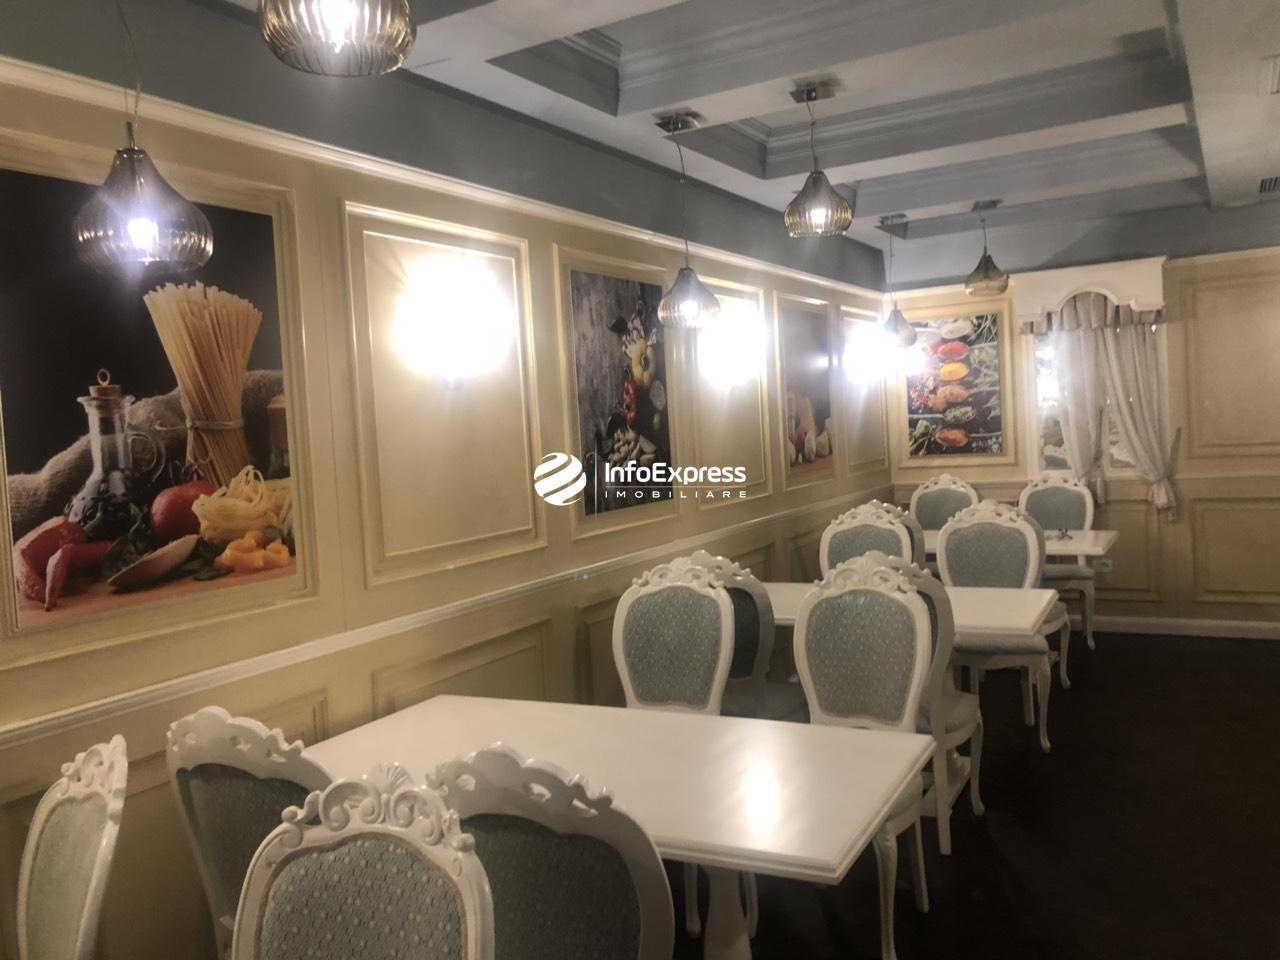 TRR-0419-1421 Jepet me qera Bar- Restorant ndodhet ne nje pozicion shume te mire, ne Tiranen e Re.